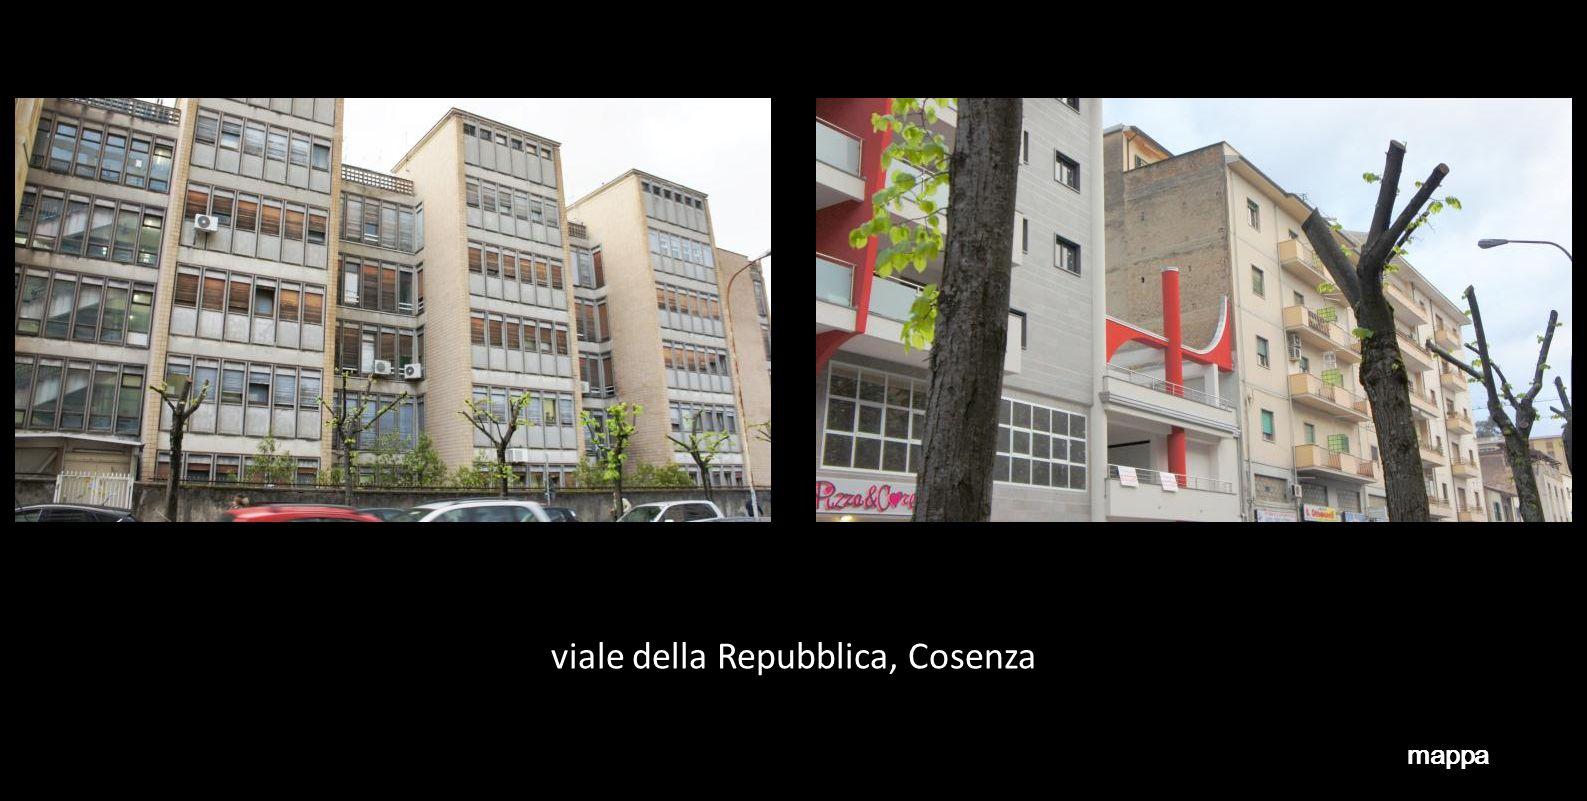 viale della Repubblica, Cosenza